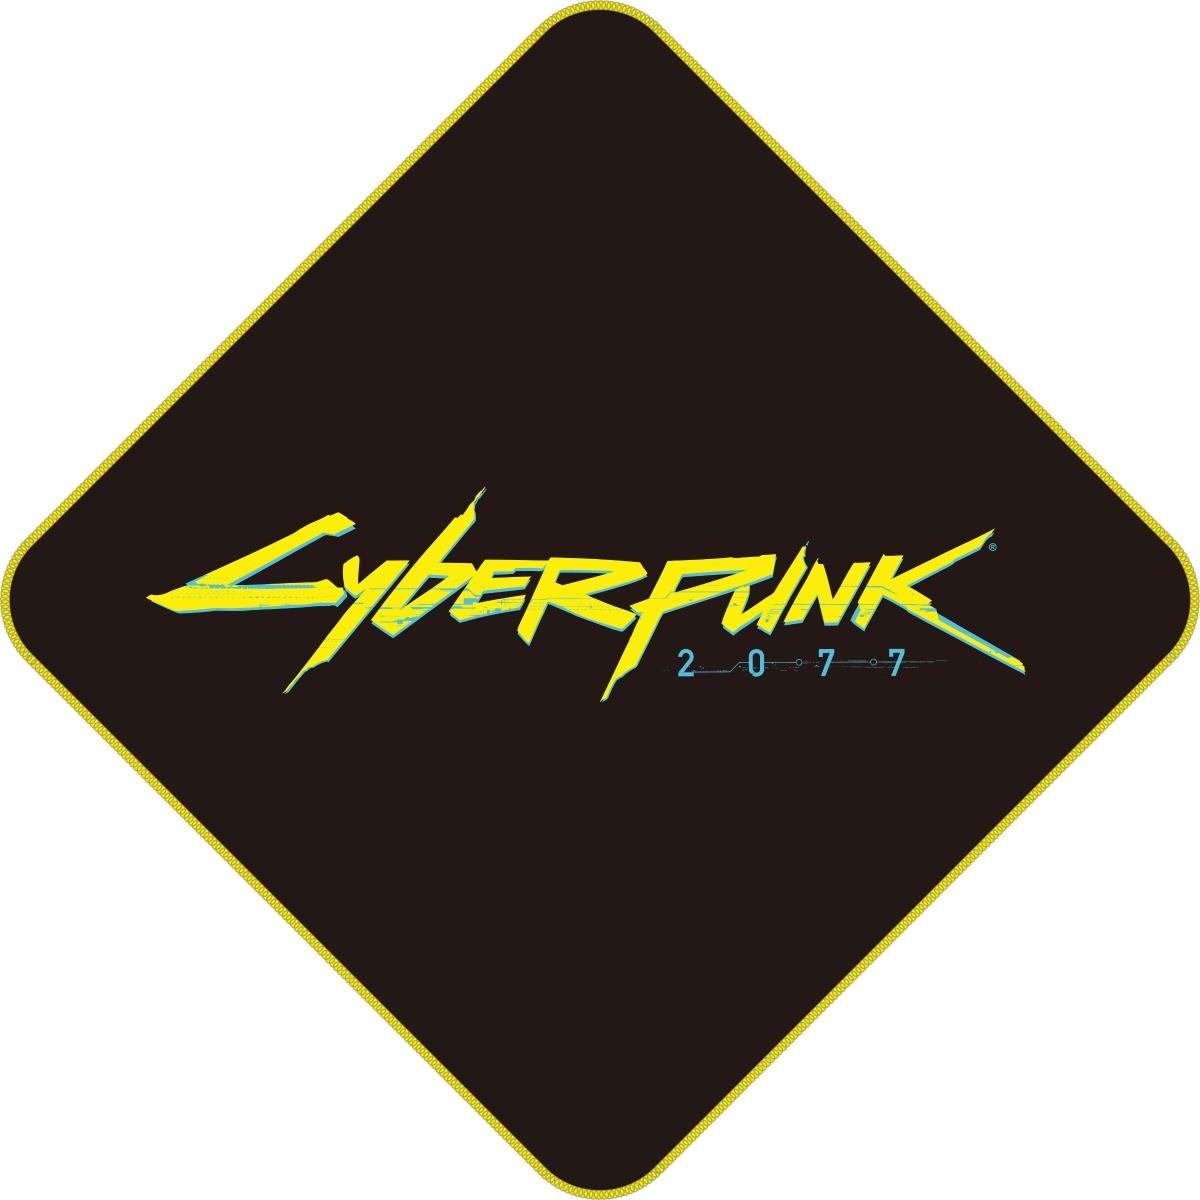 サイバーパンク2077 スペシャルボックス デカールステッカー 3種類 + コースター 4種類 + ハンドタオル 特典 小物セット